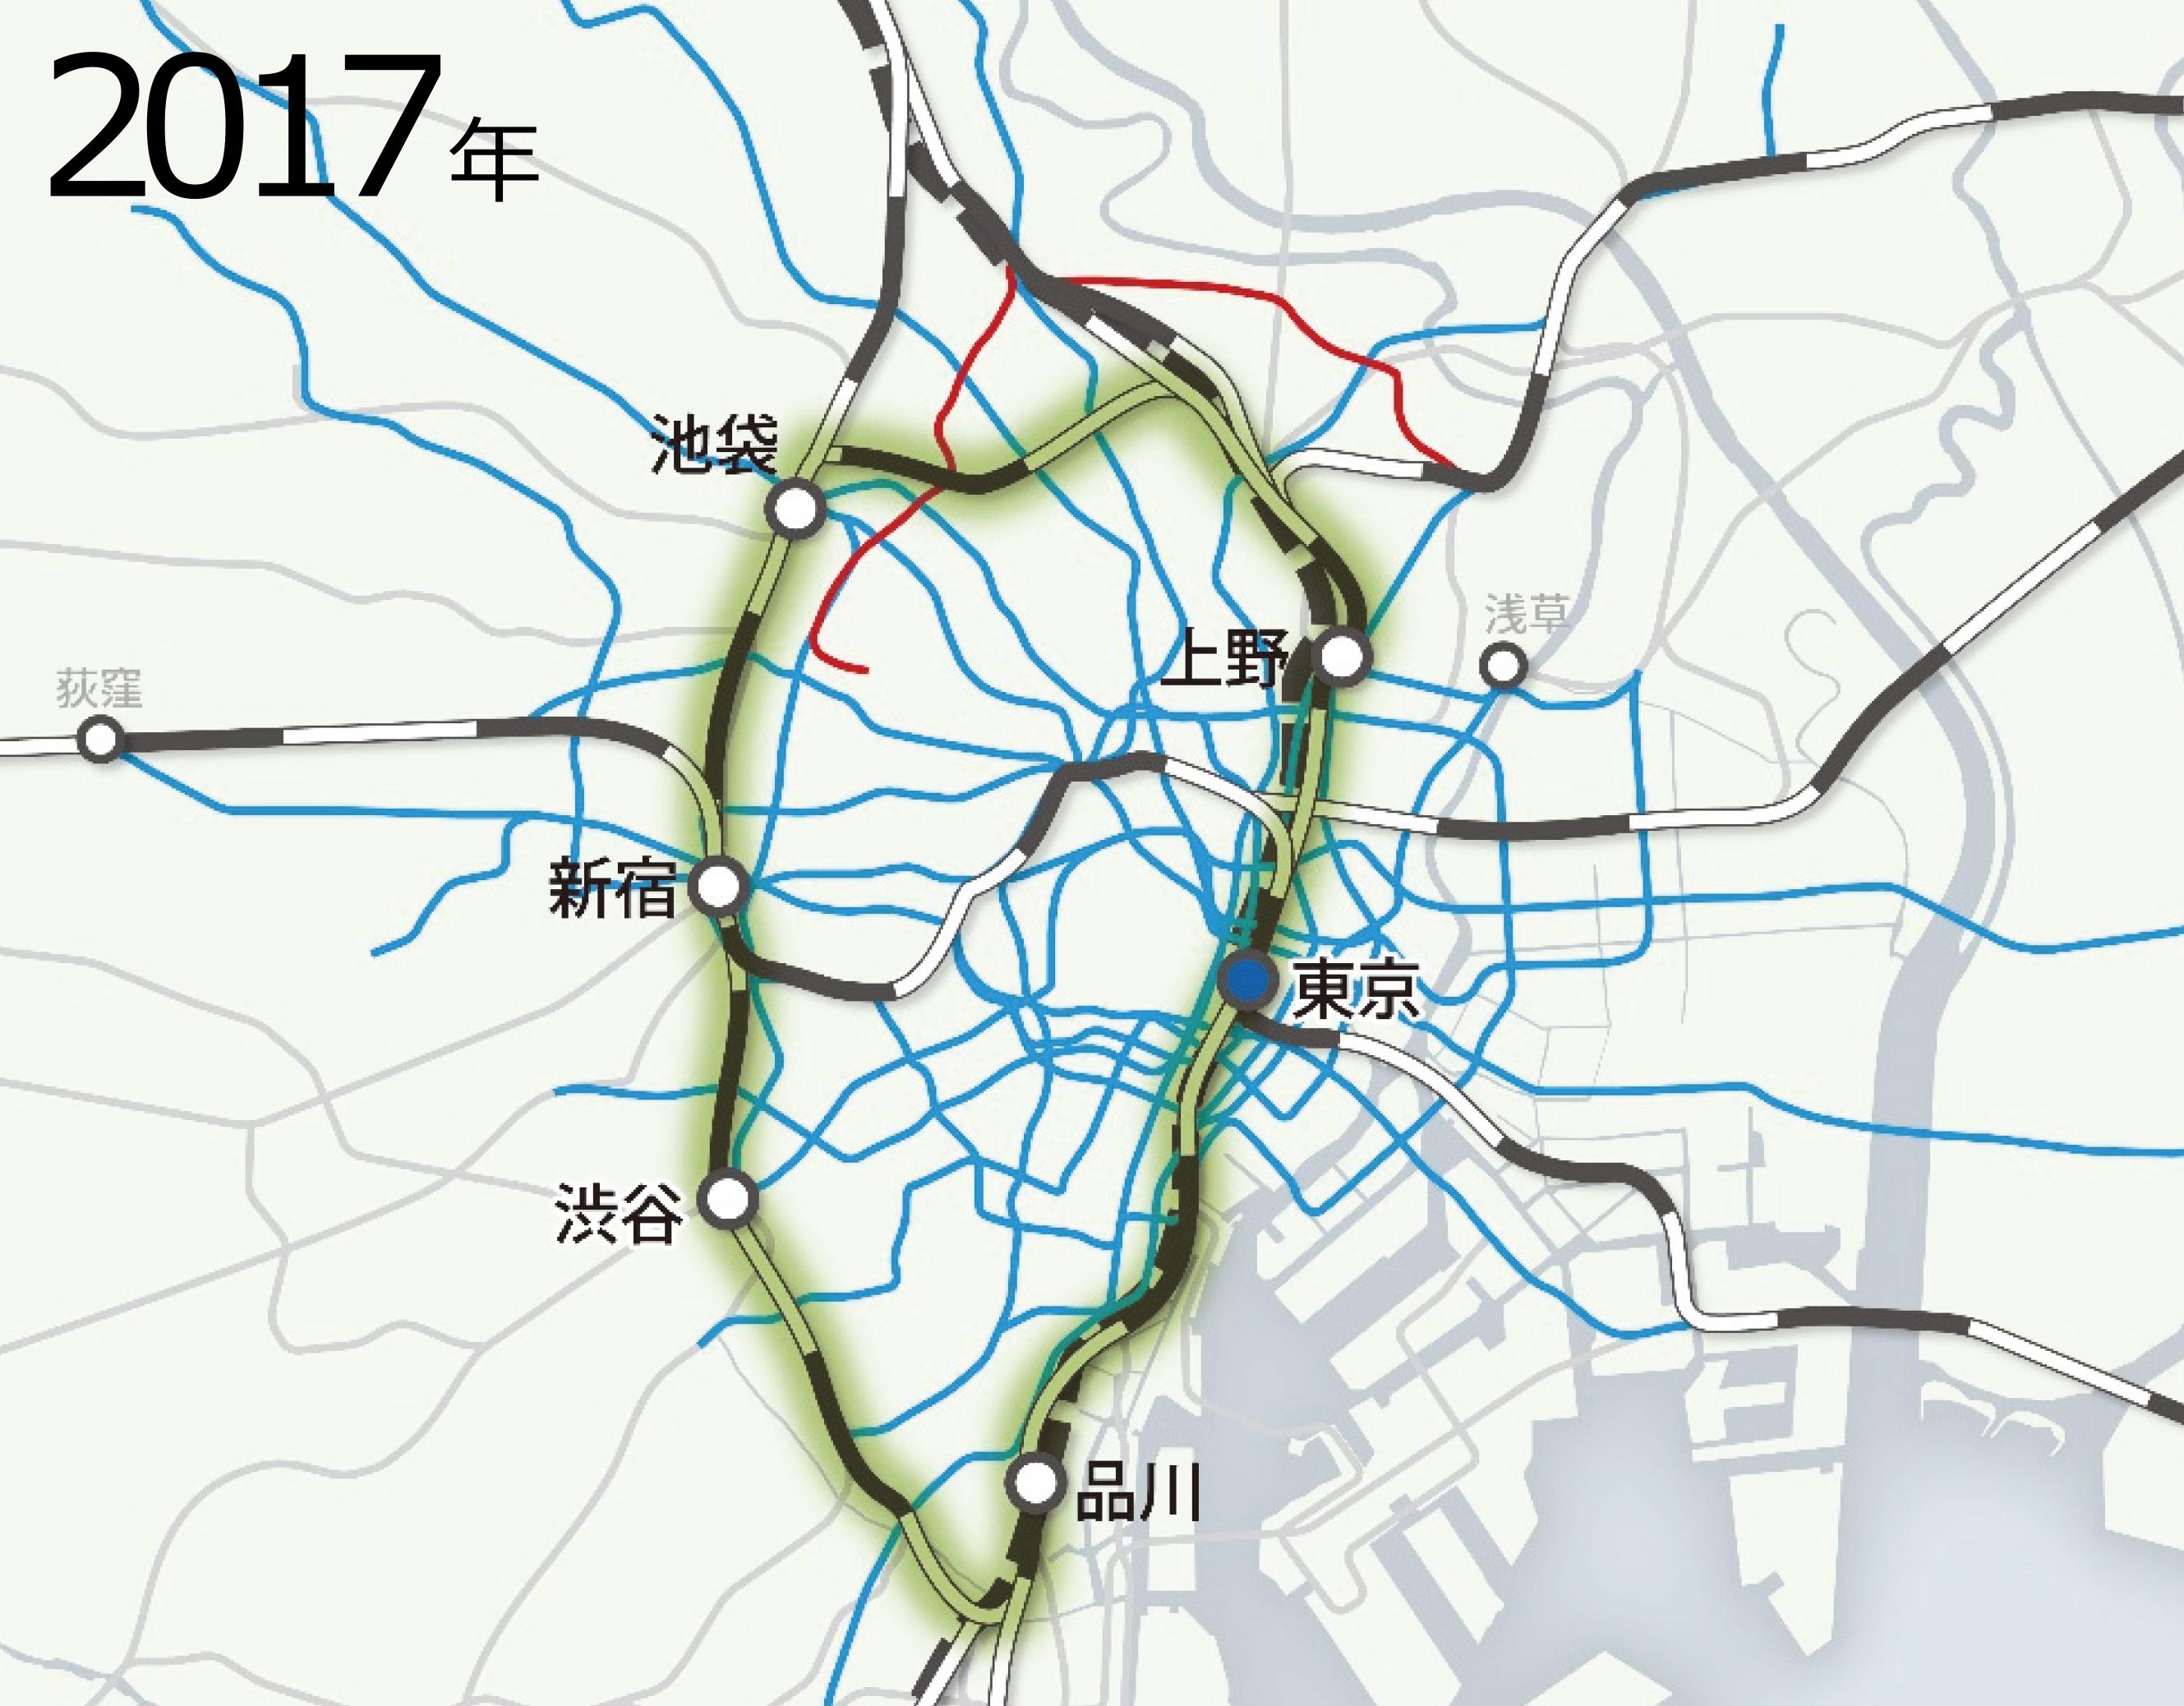 図1-1  都心部の公共交通の変遷(日建設計作成)